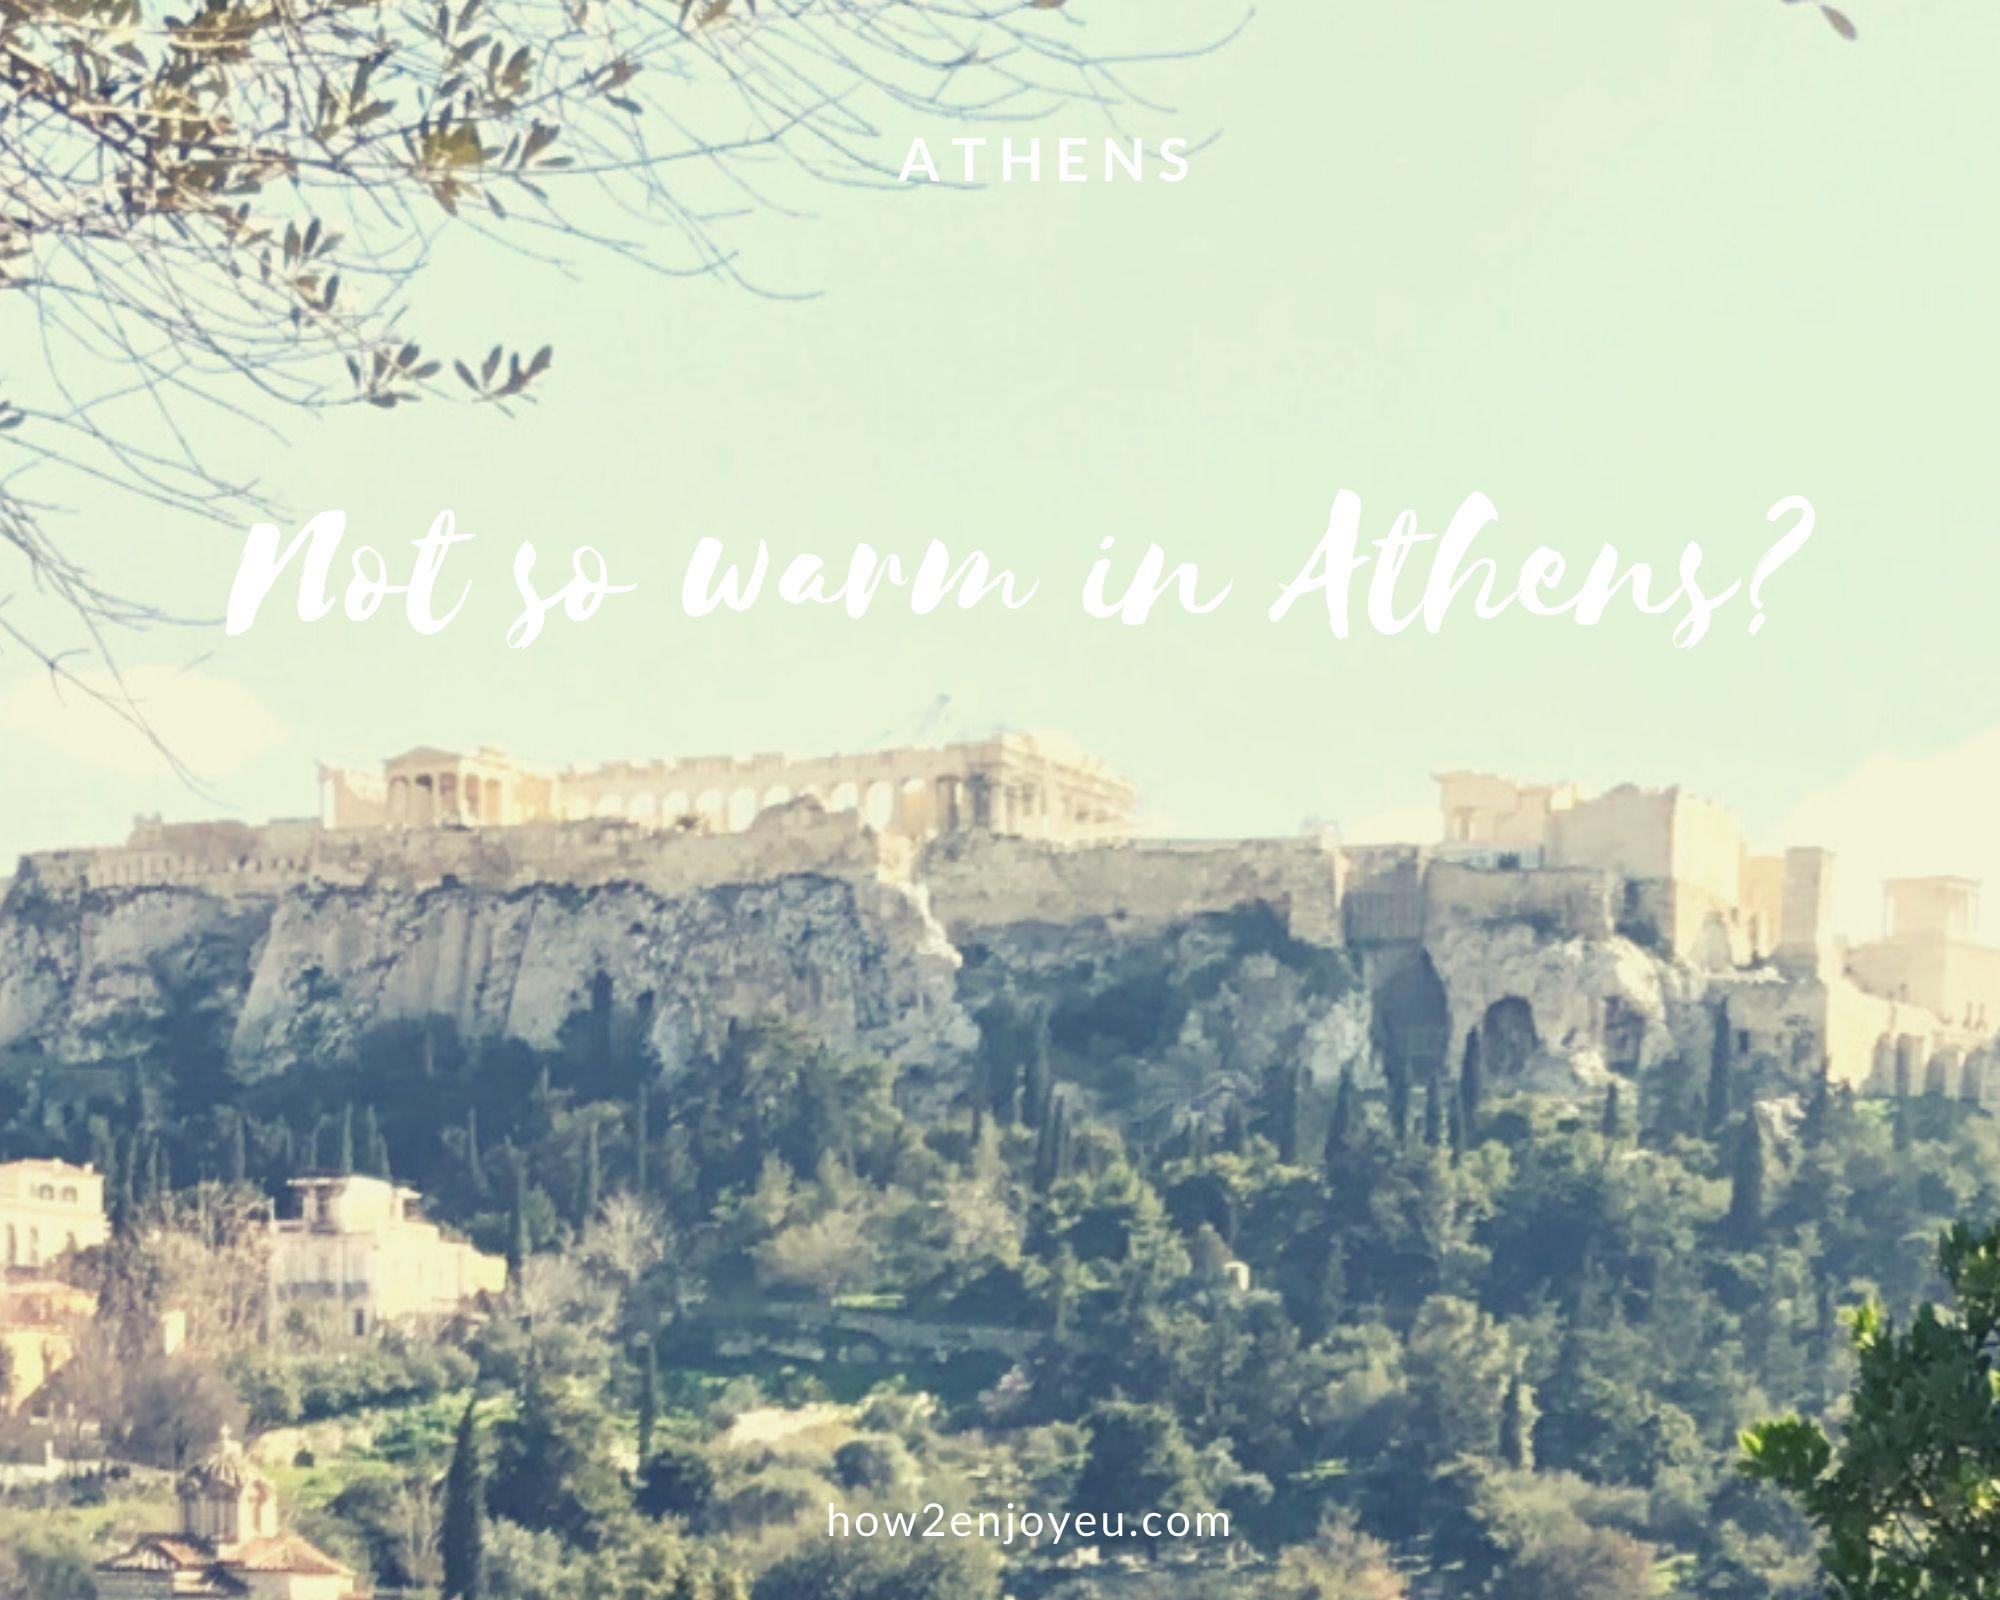 冬のアテネが極寒だった・・・。